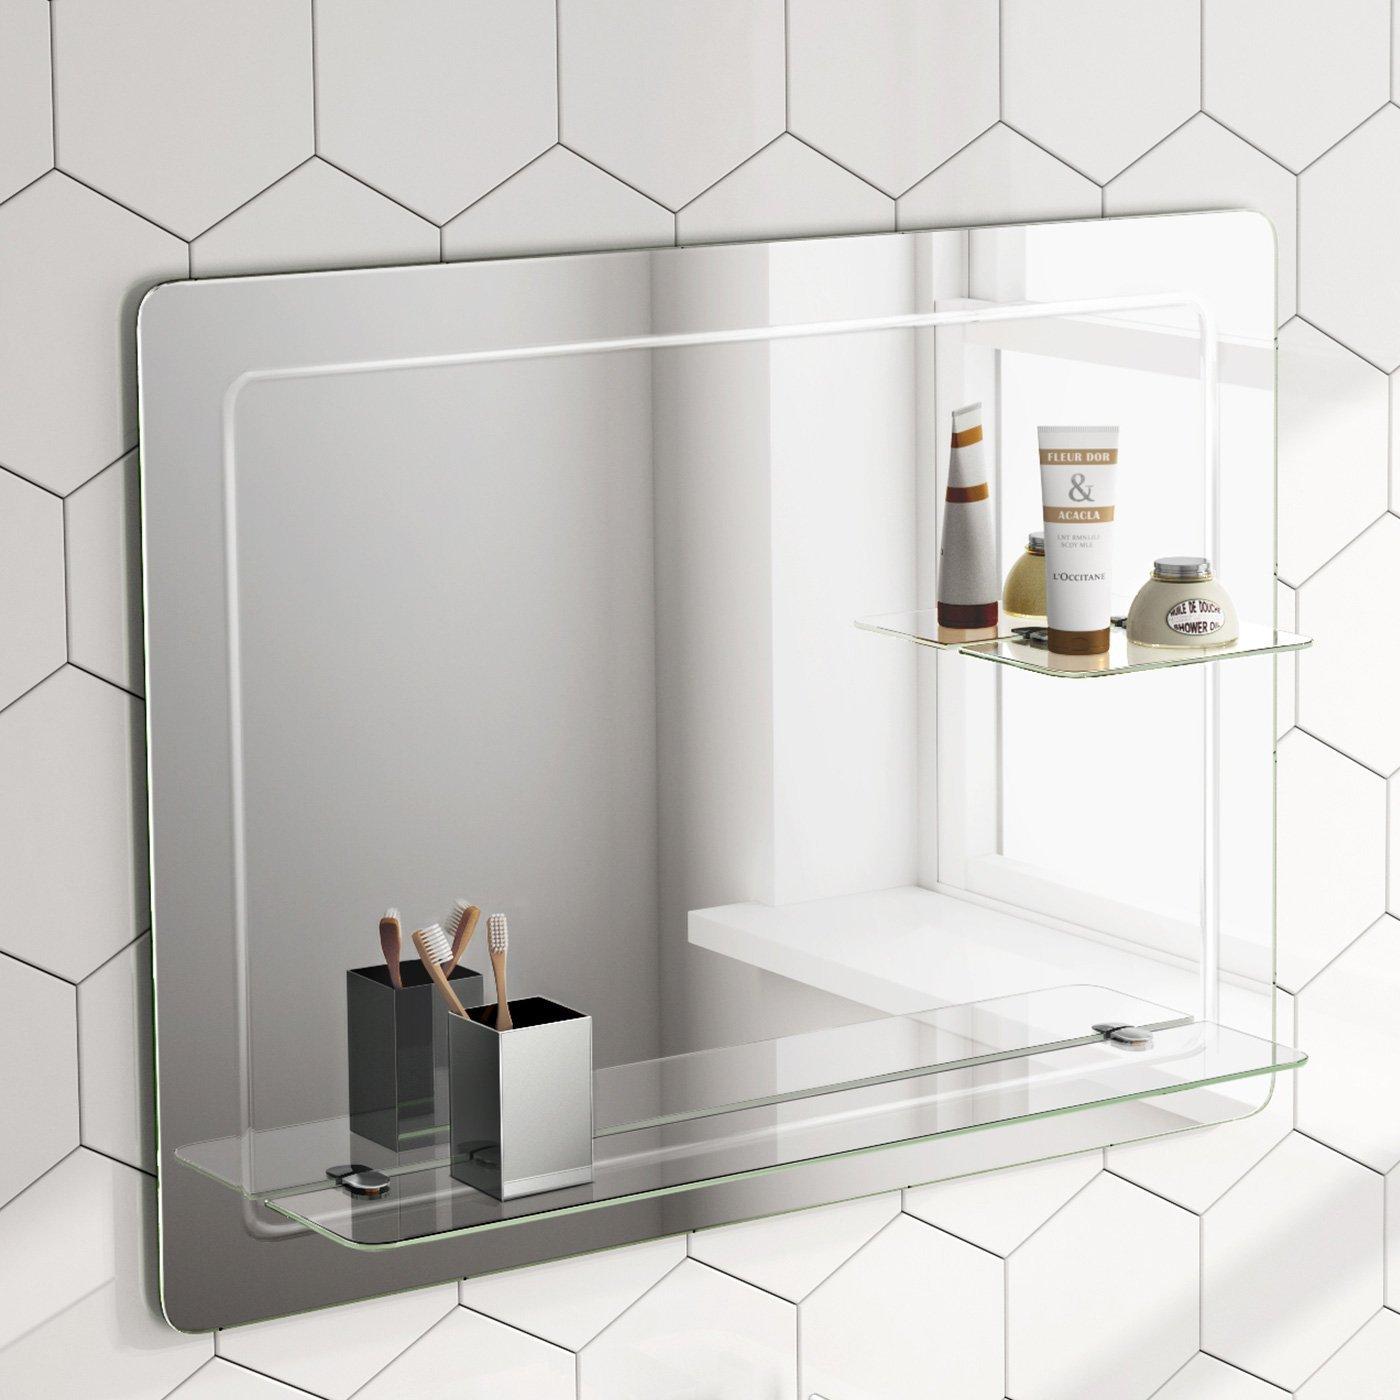 Soak Design-Wandspiegel mit Ablagefläche - Moderner Badspiegel - 80 x 60 cm, abgerundete Ecken, einfache Montage iBathUK